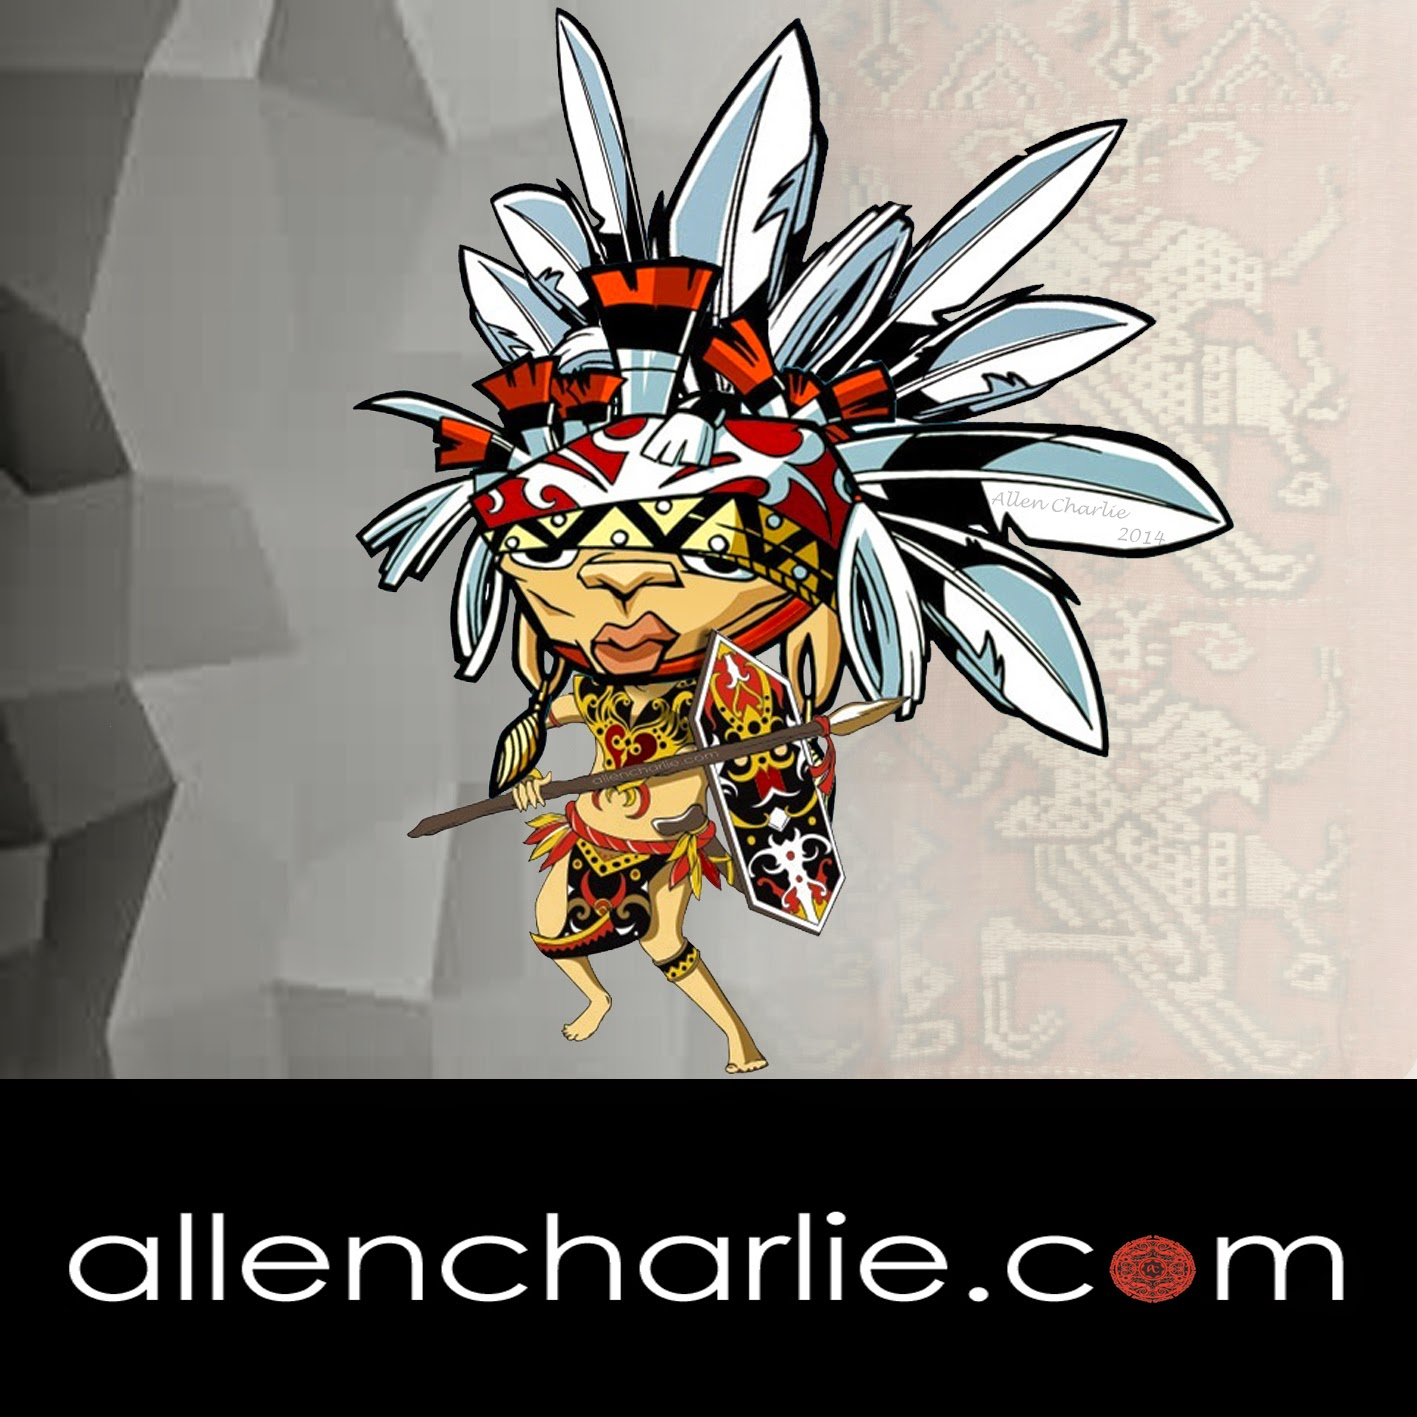 Allen Charlie